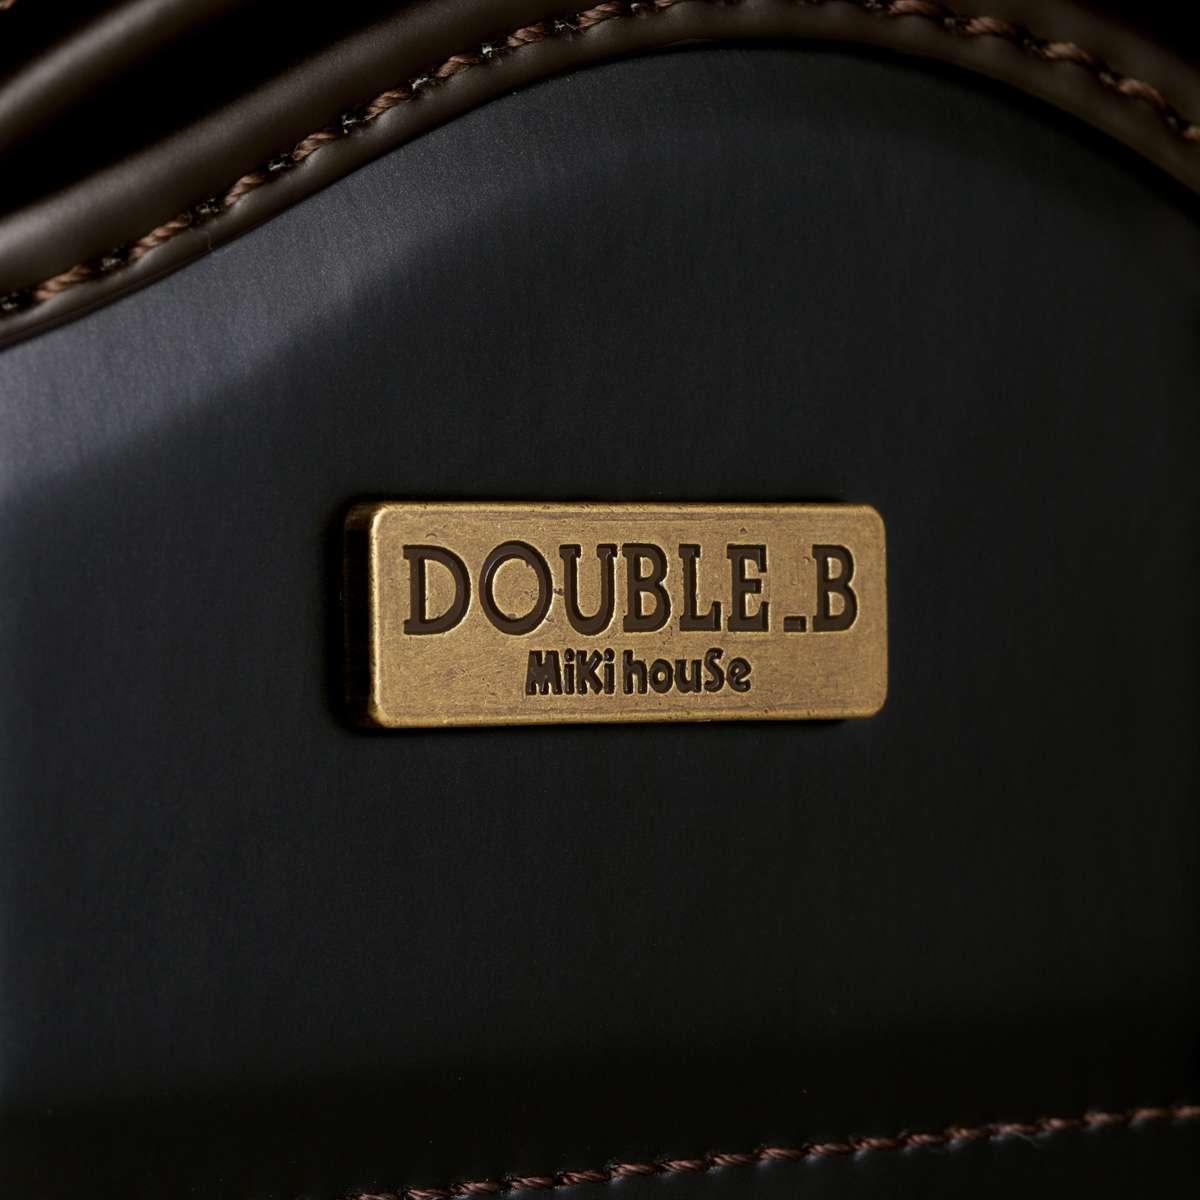 ダブルビー ランドセル クラリーノタフロック 男の子 フィットちゃん 黒 【箱入り】DOUBLE_B [60-8308-610]【ラッキーシール対応】